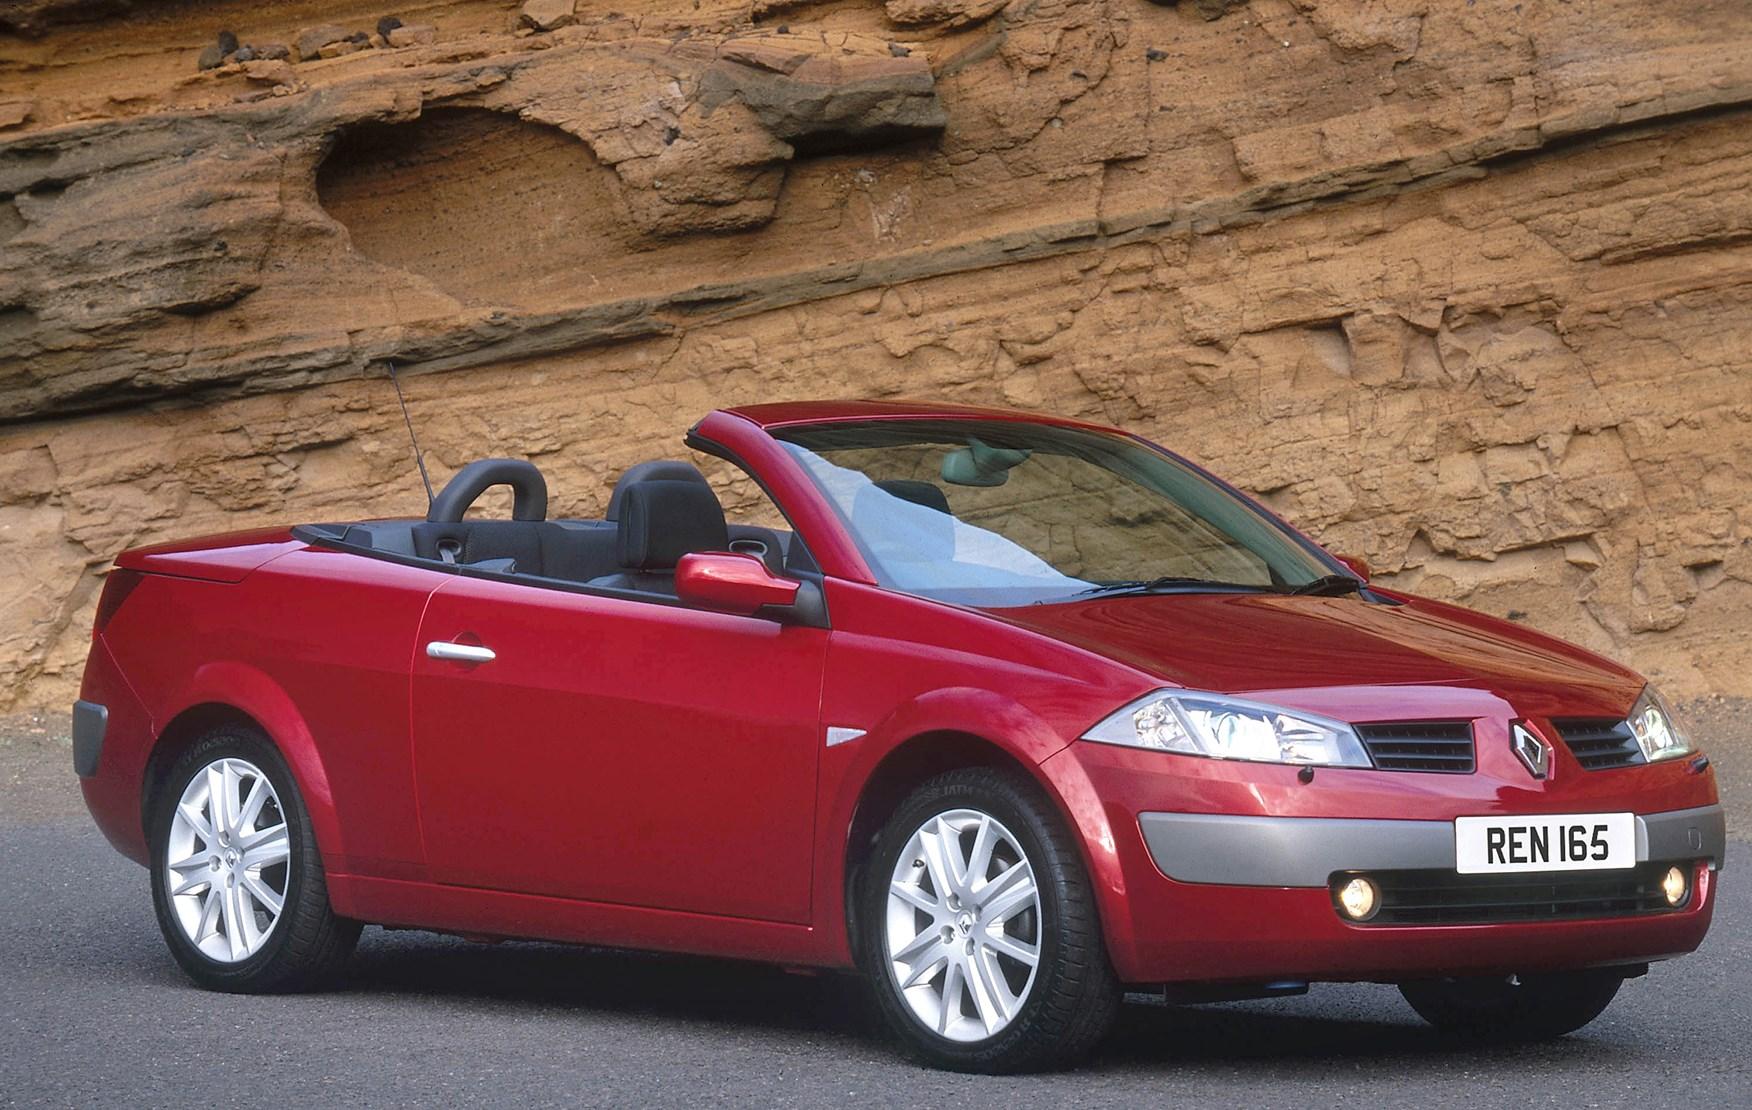 renault megane cabriolet review 2003 2005 parkers. Black Bedroom Furniture Sets. Home Design Ideas